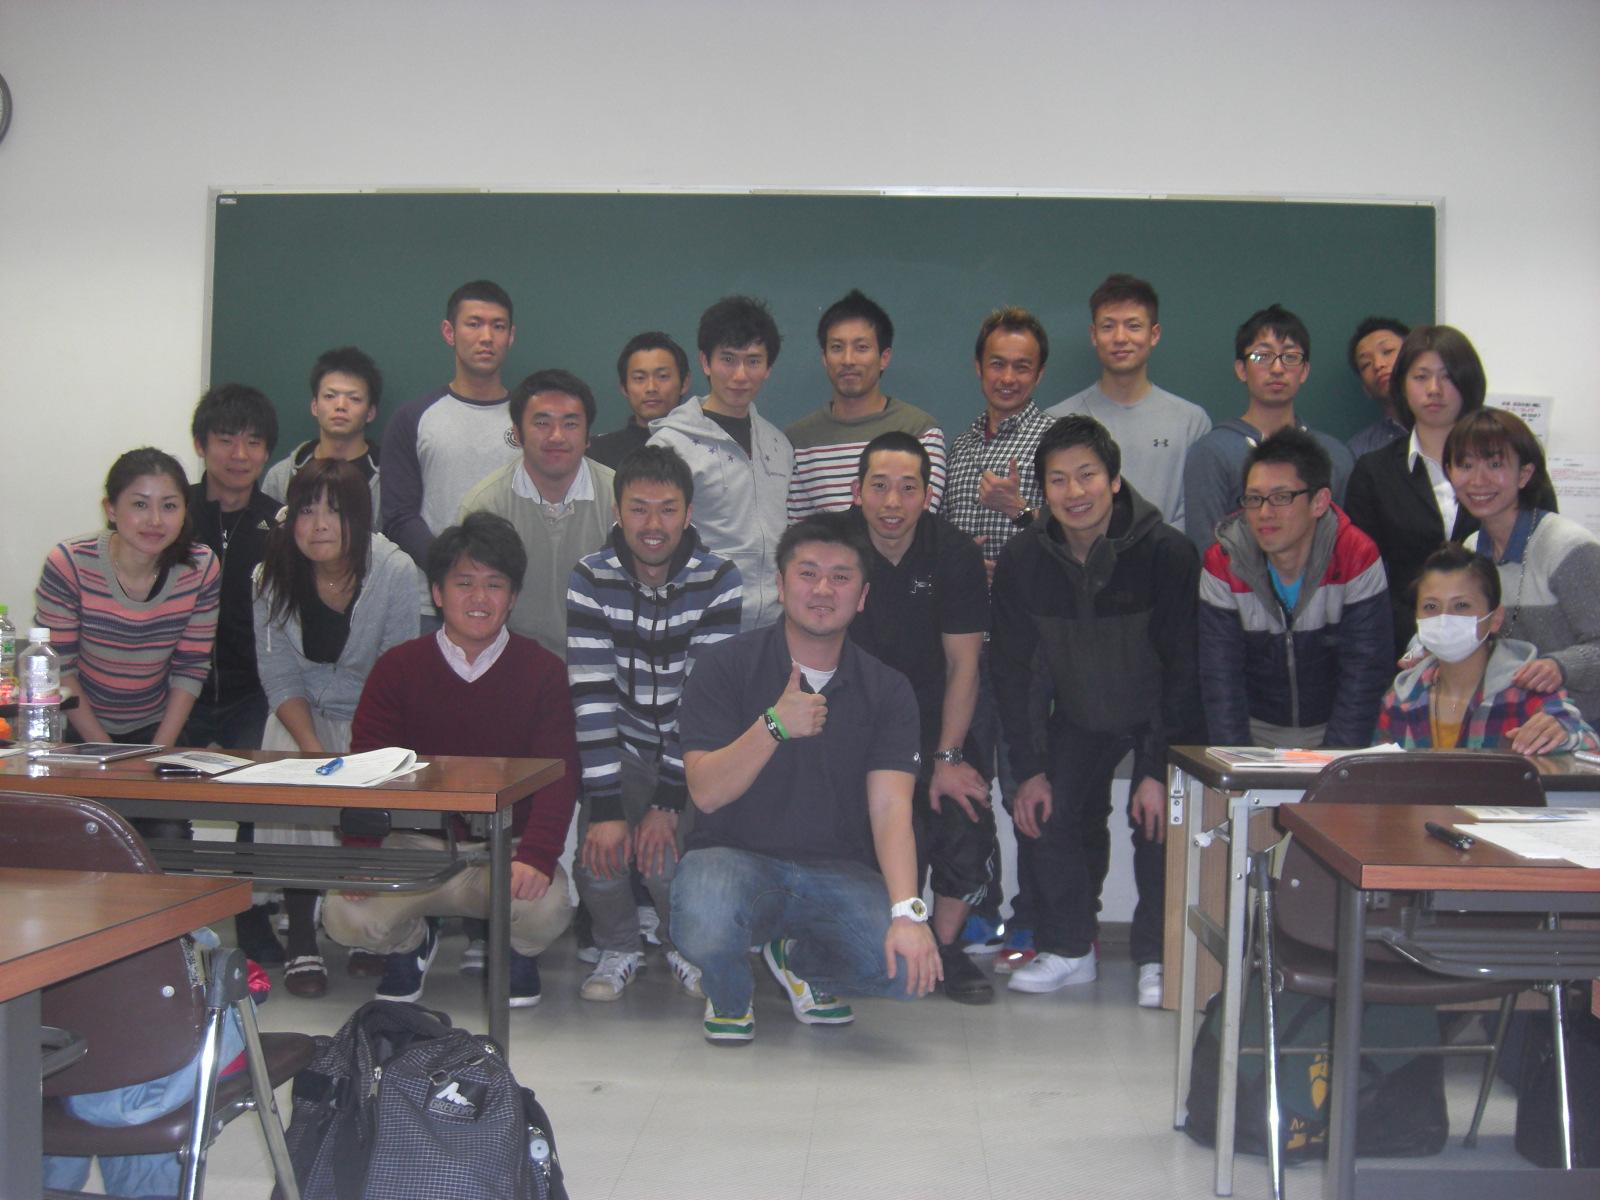 第6回千葉トレーナー勉強会開催のお知らせ。